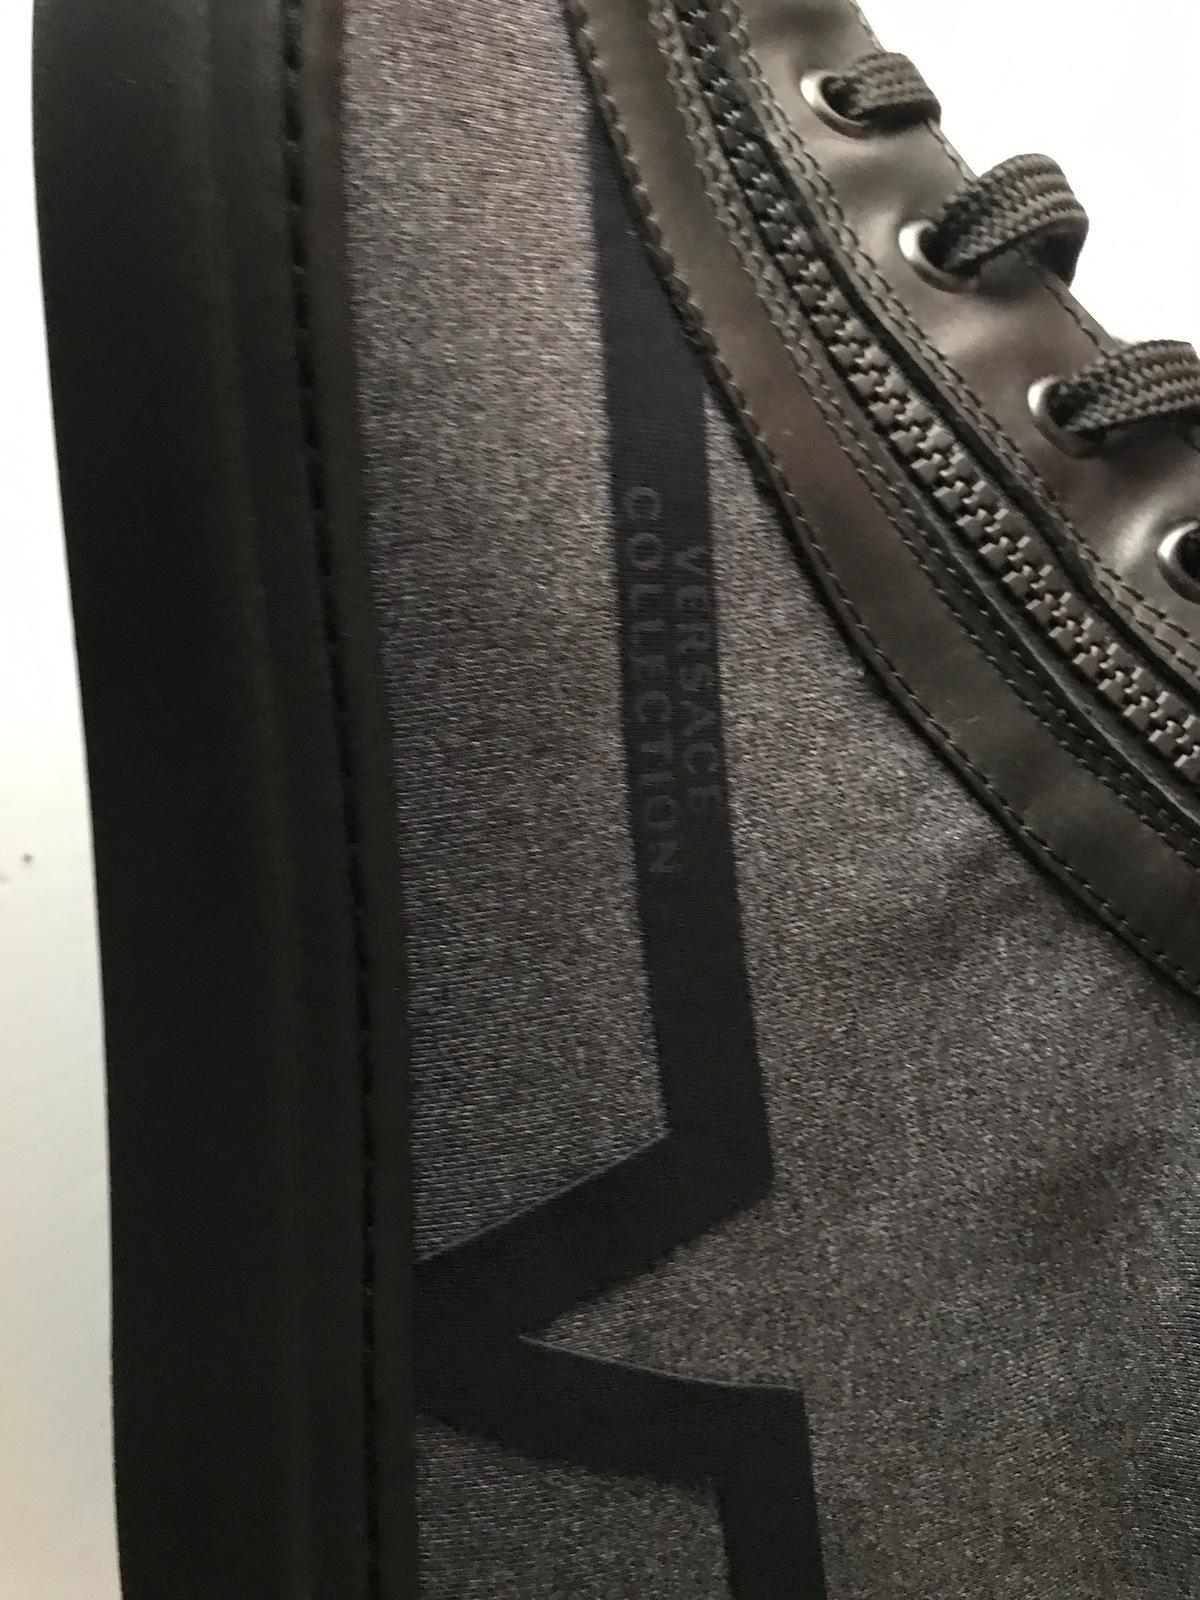 Sapatilhas/Botas Versace Novas 1